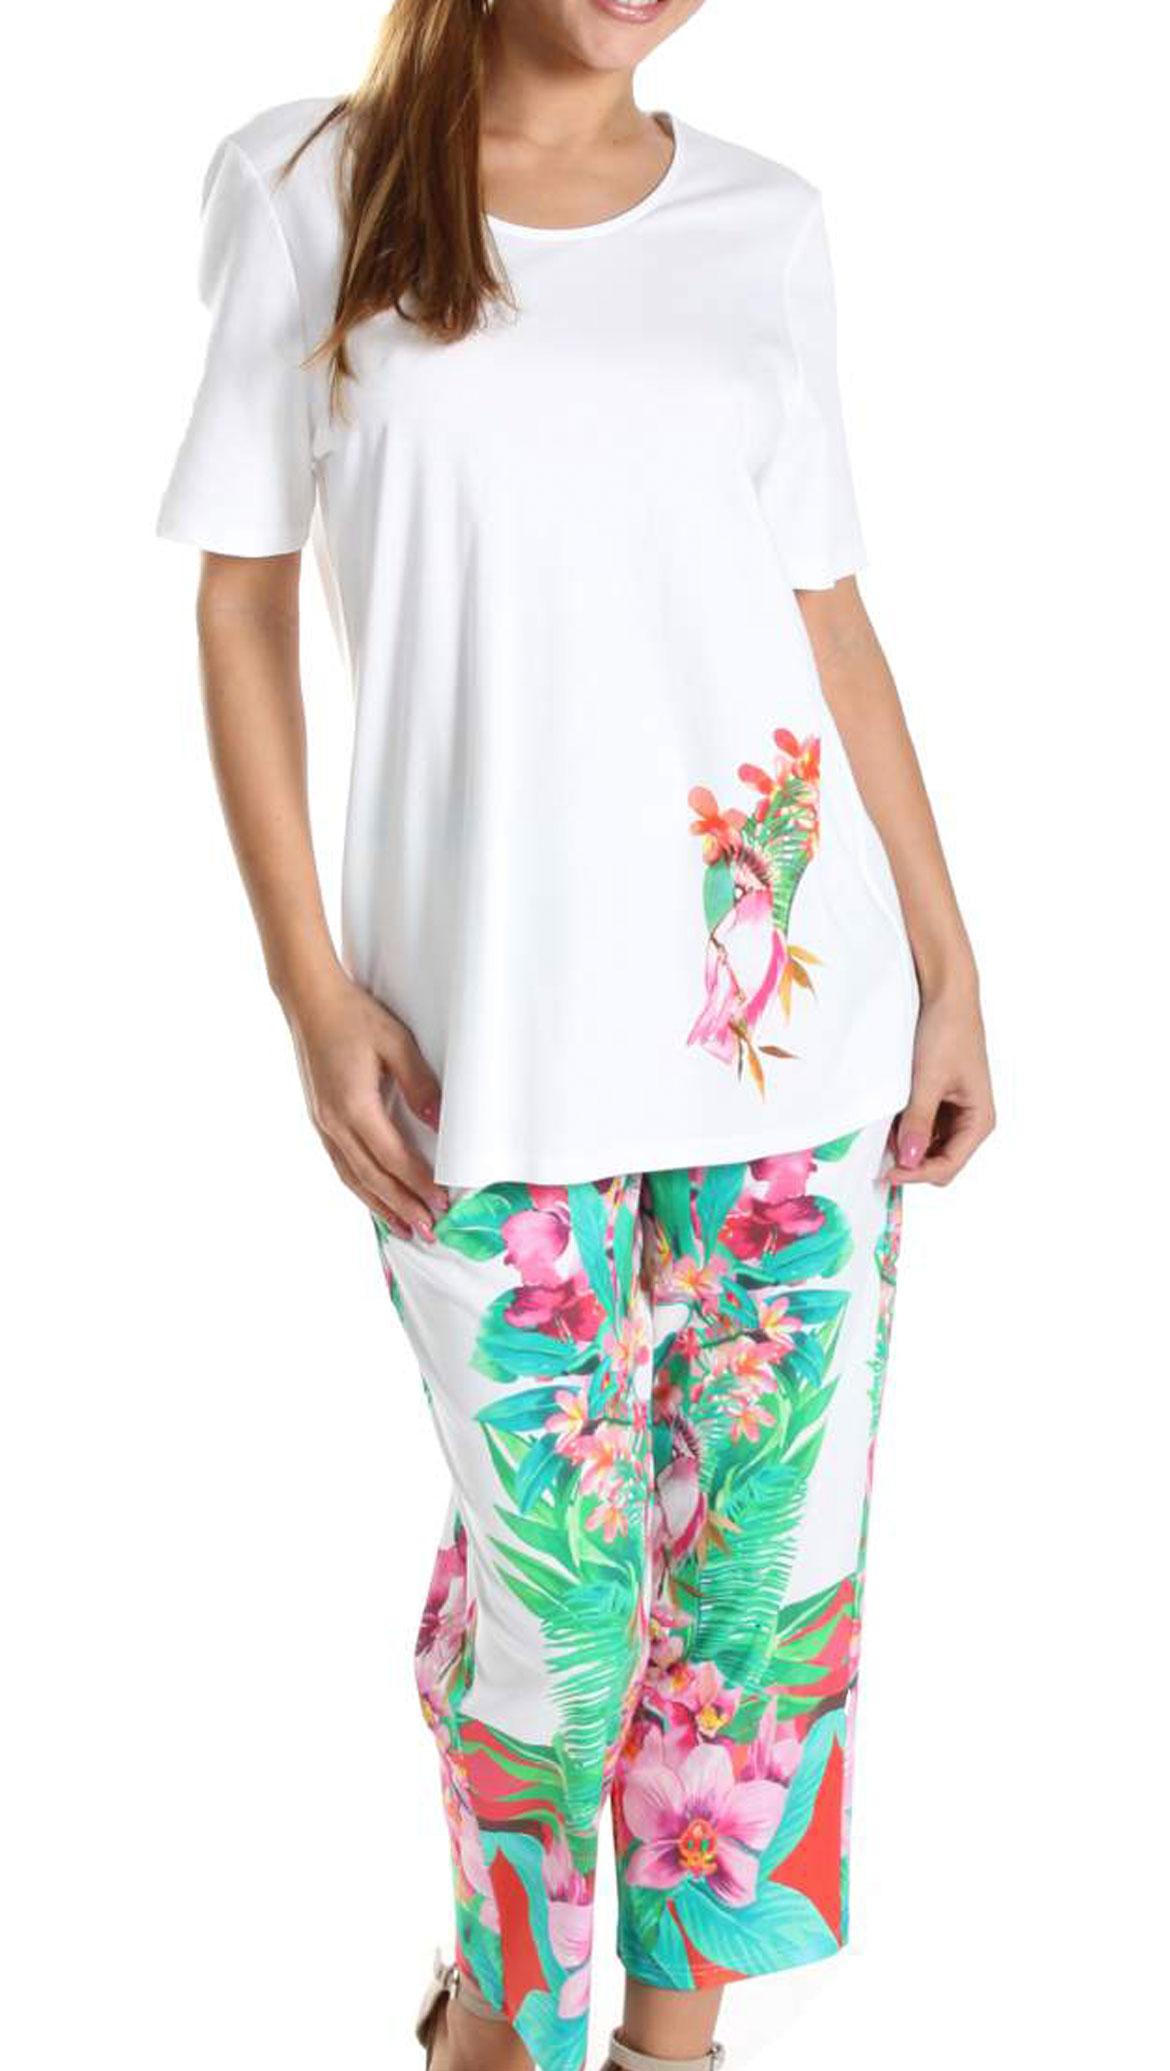 Женская Одежда Официальный Сайт Купить Интернету